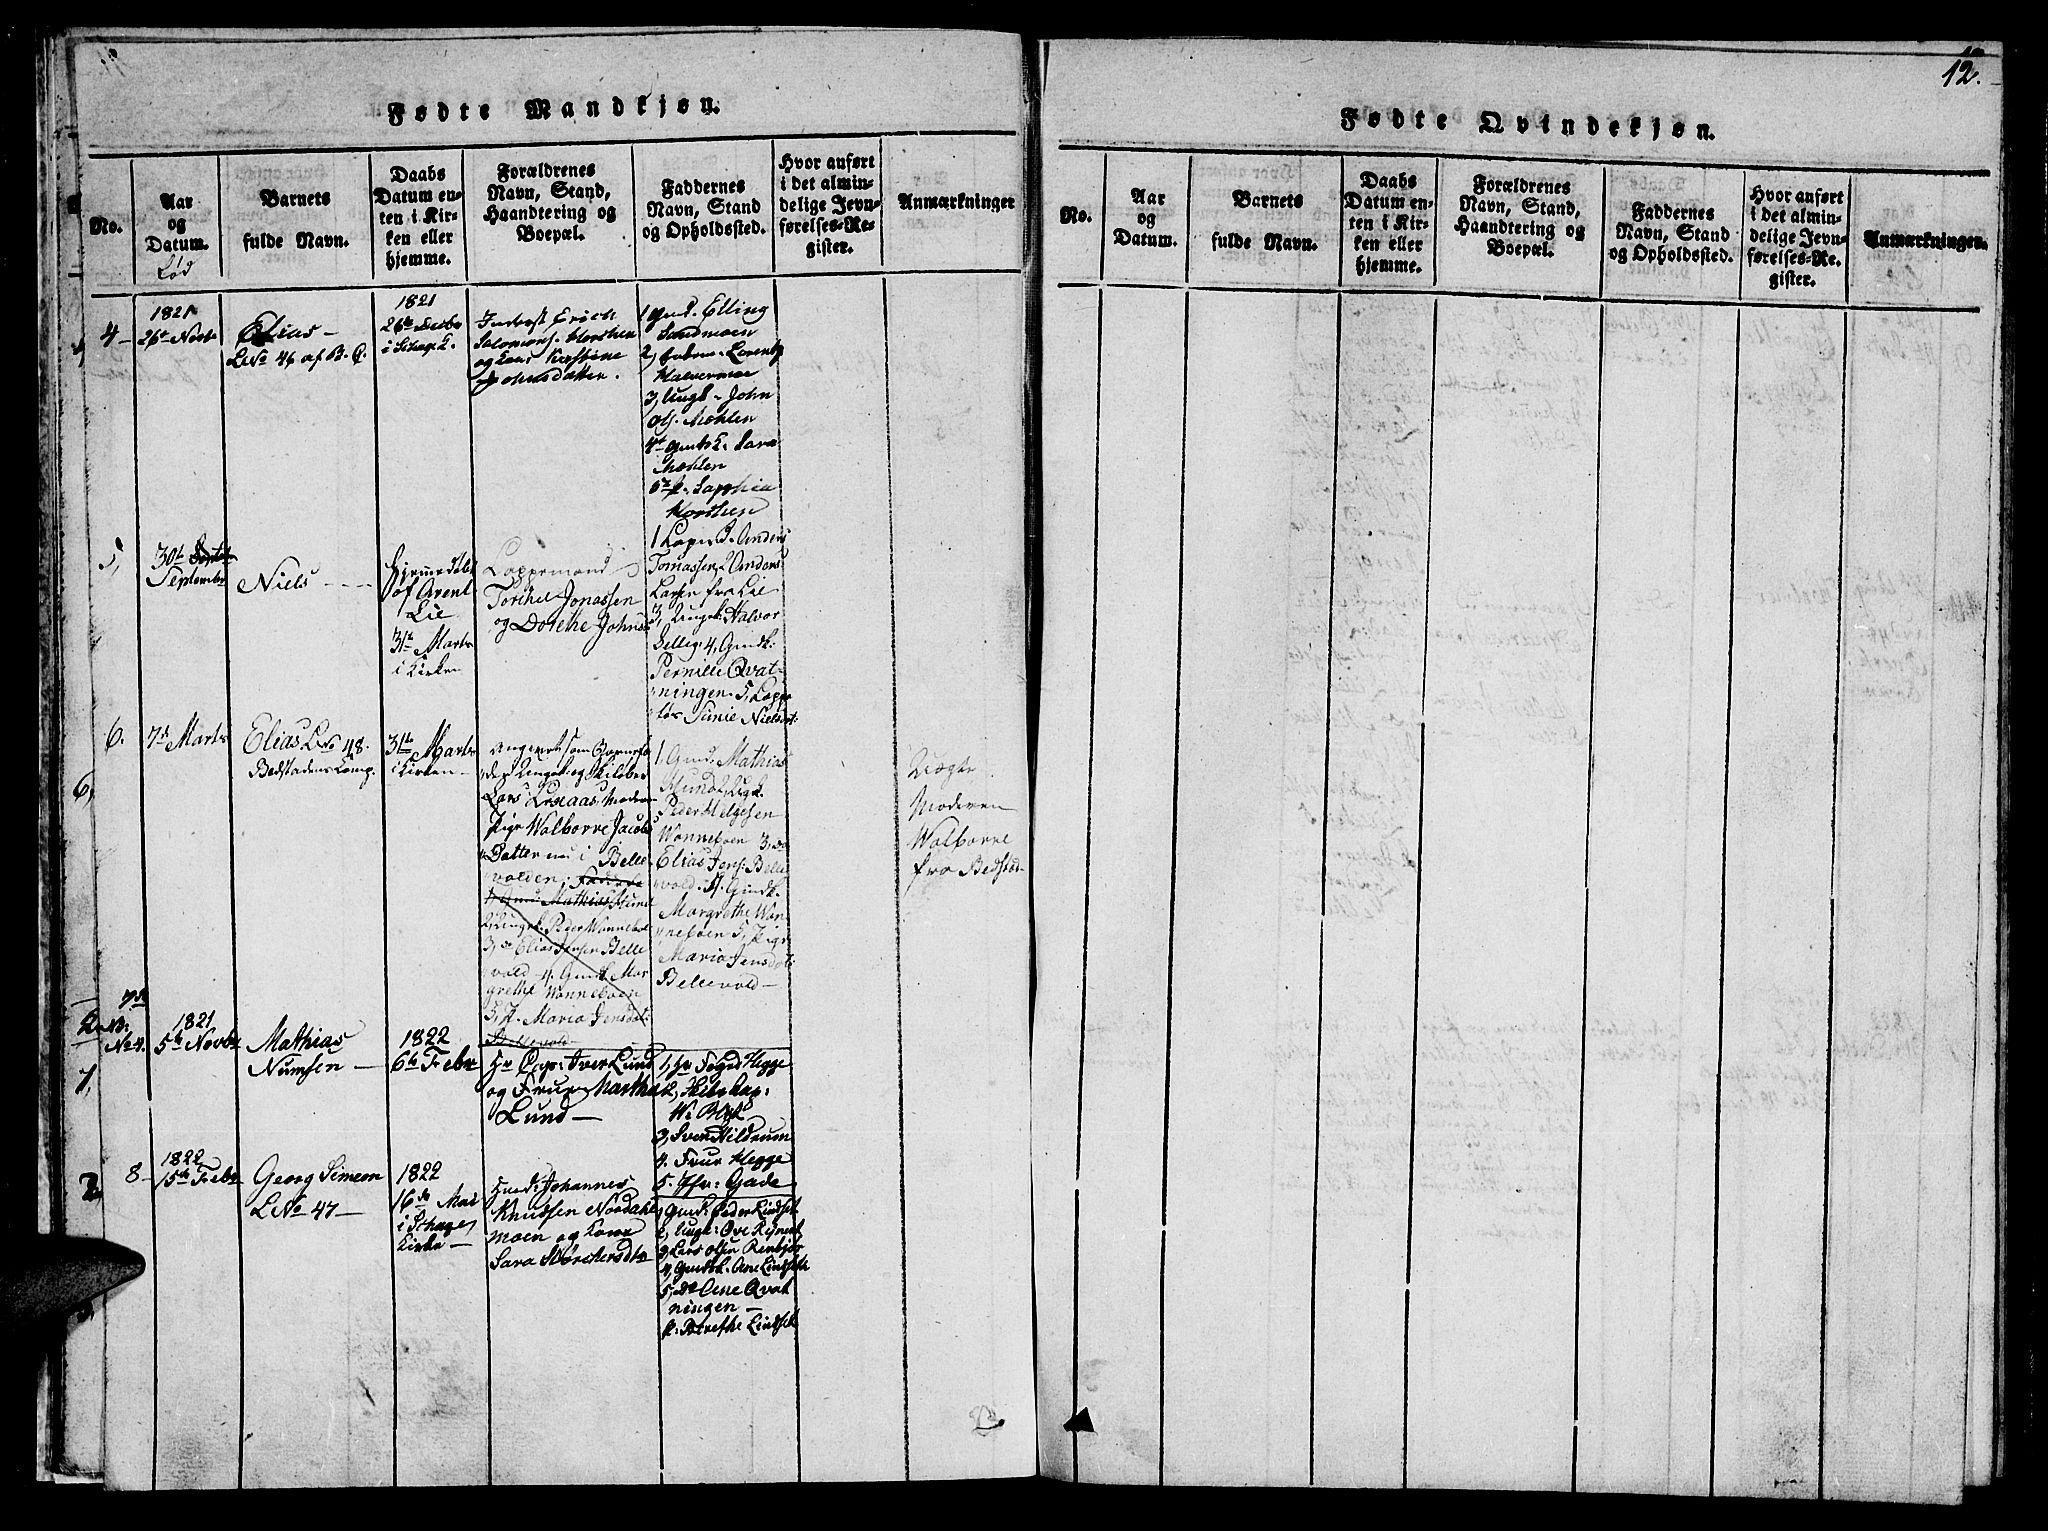 SAT, Ministerialprotokoller, klokkerbøker og fødselsregistre - Nord-Trøndelag, 766/L0565: Klokkerbok nr. 767C01, 1817-1823, s. 12